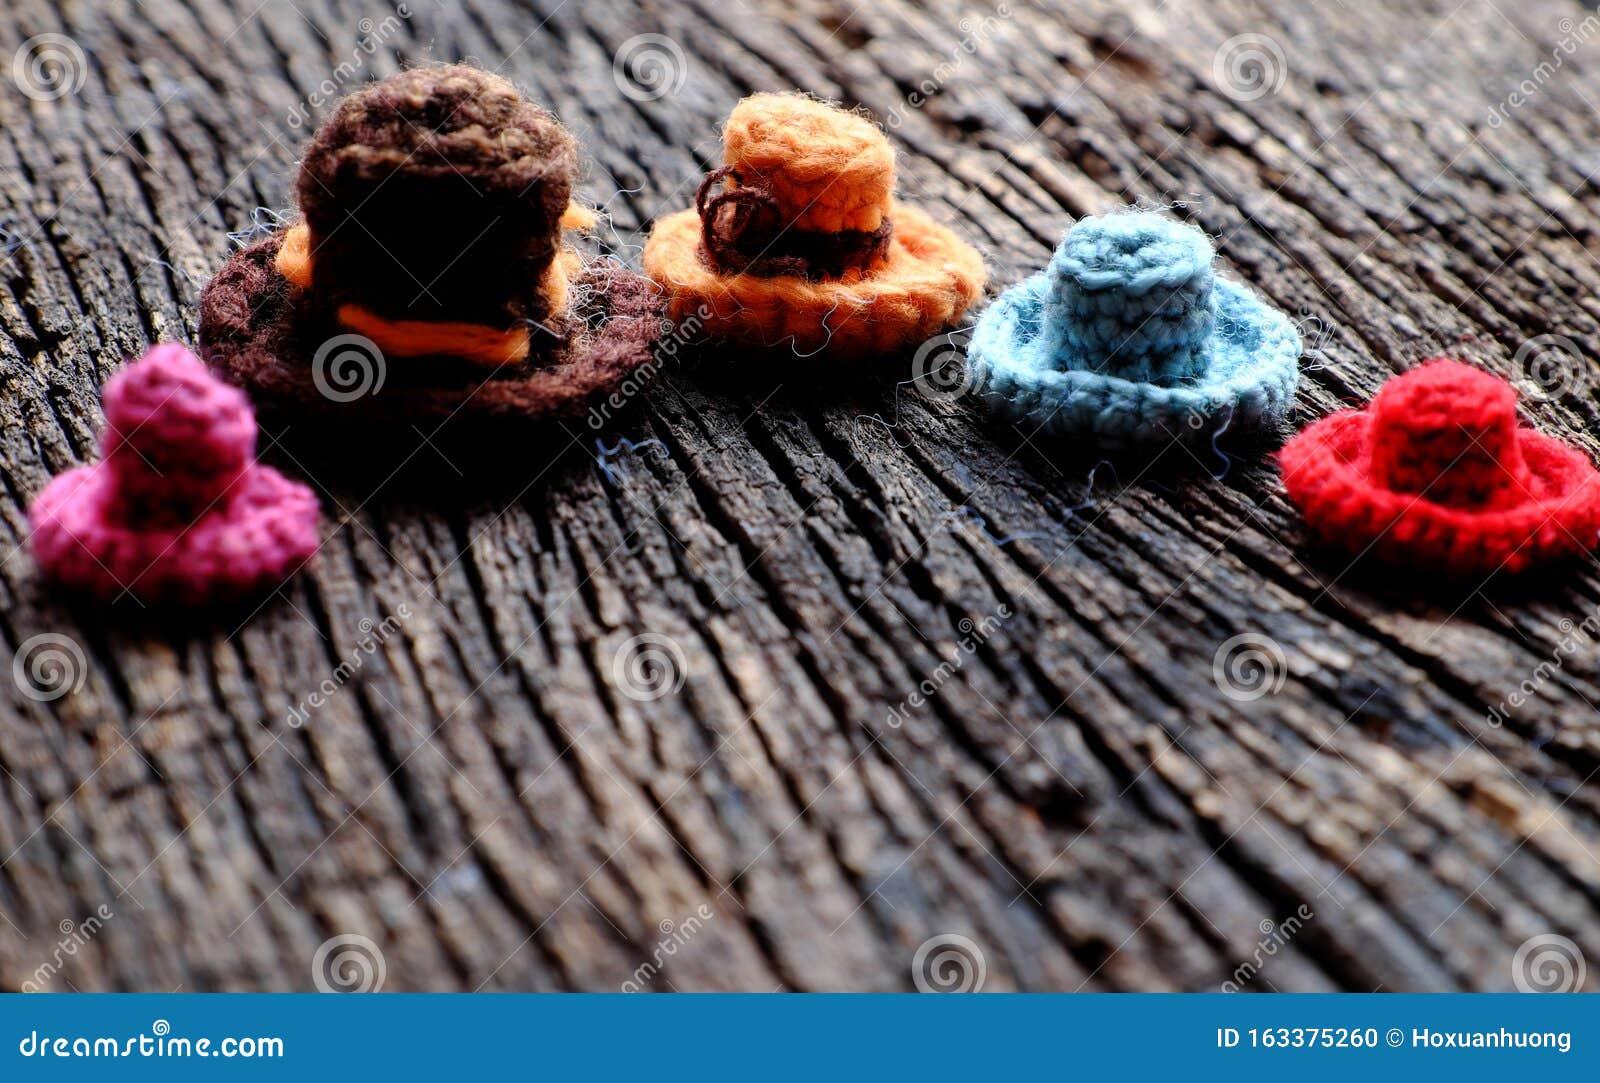 Amigurumi Mini Pig Crochet Pattern | 1082x1600